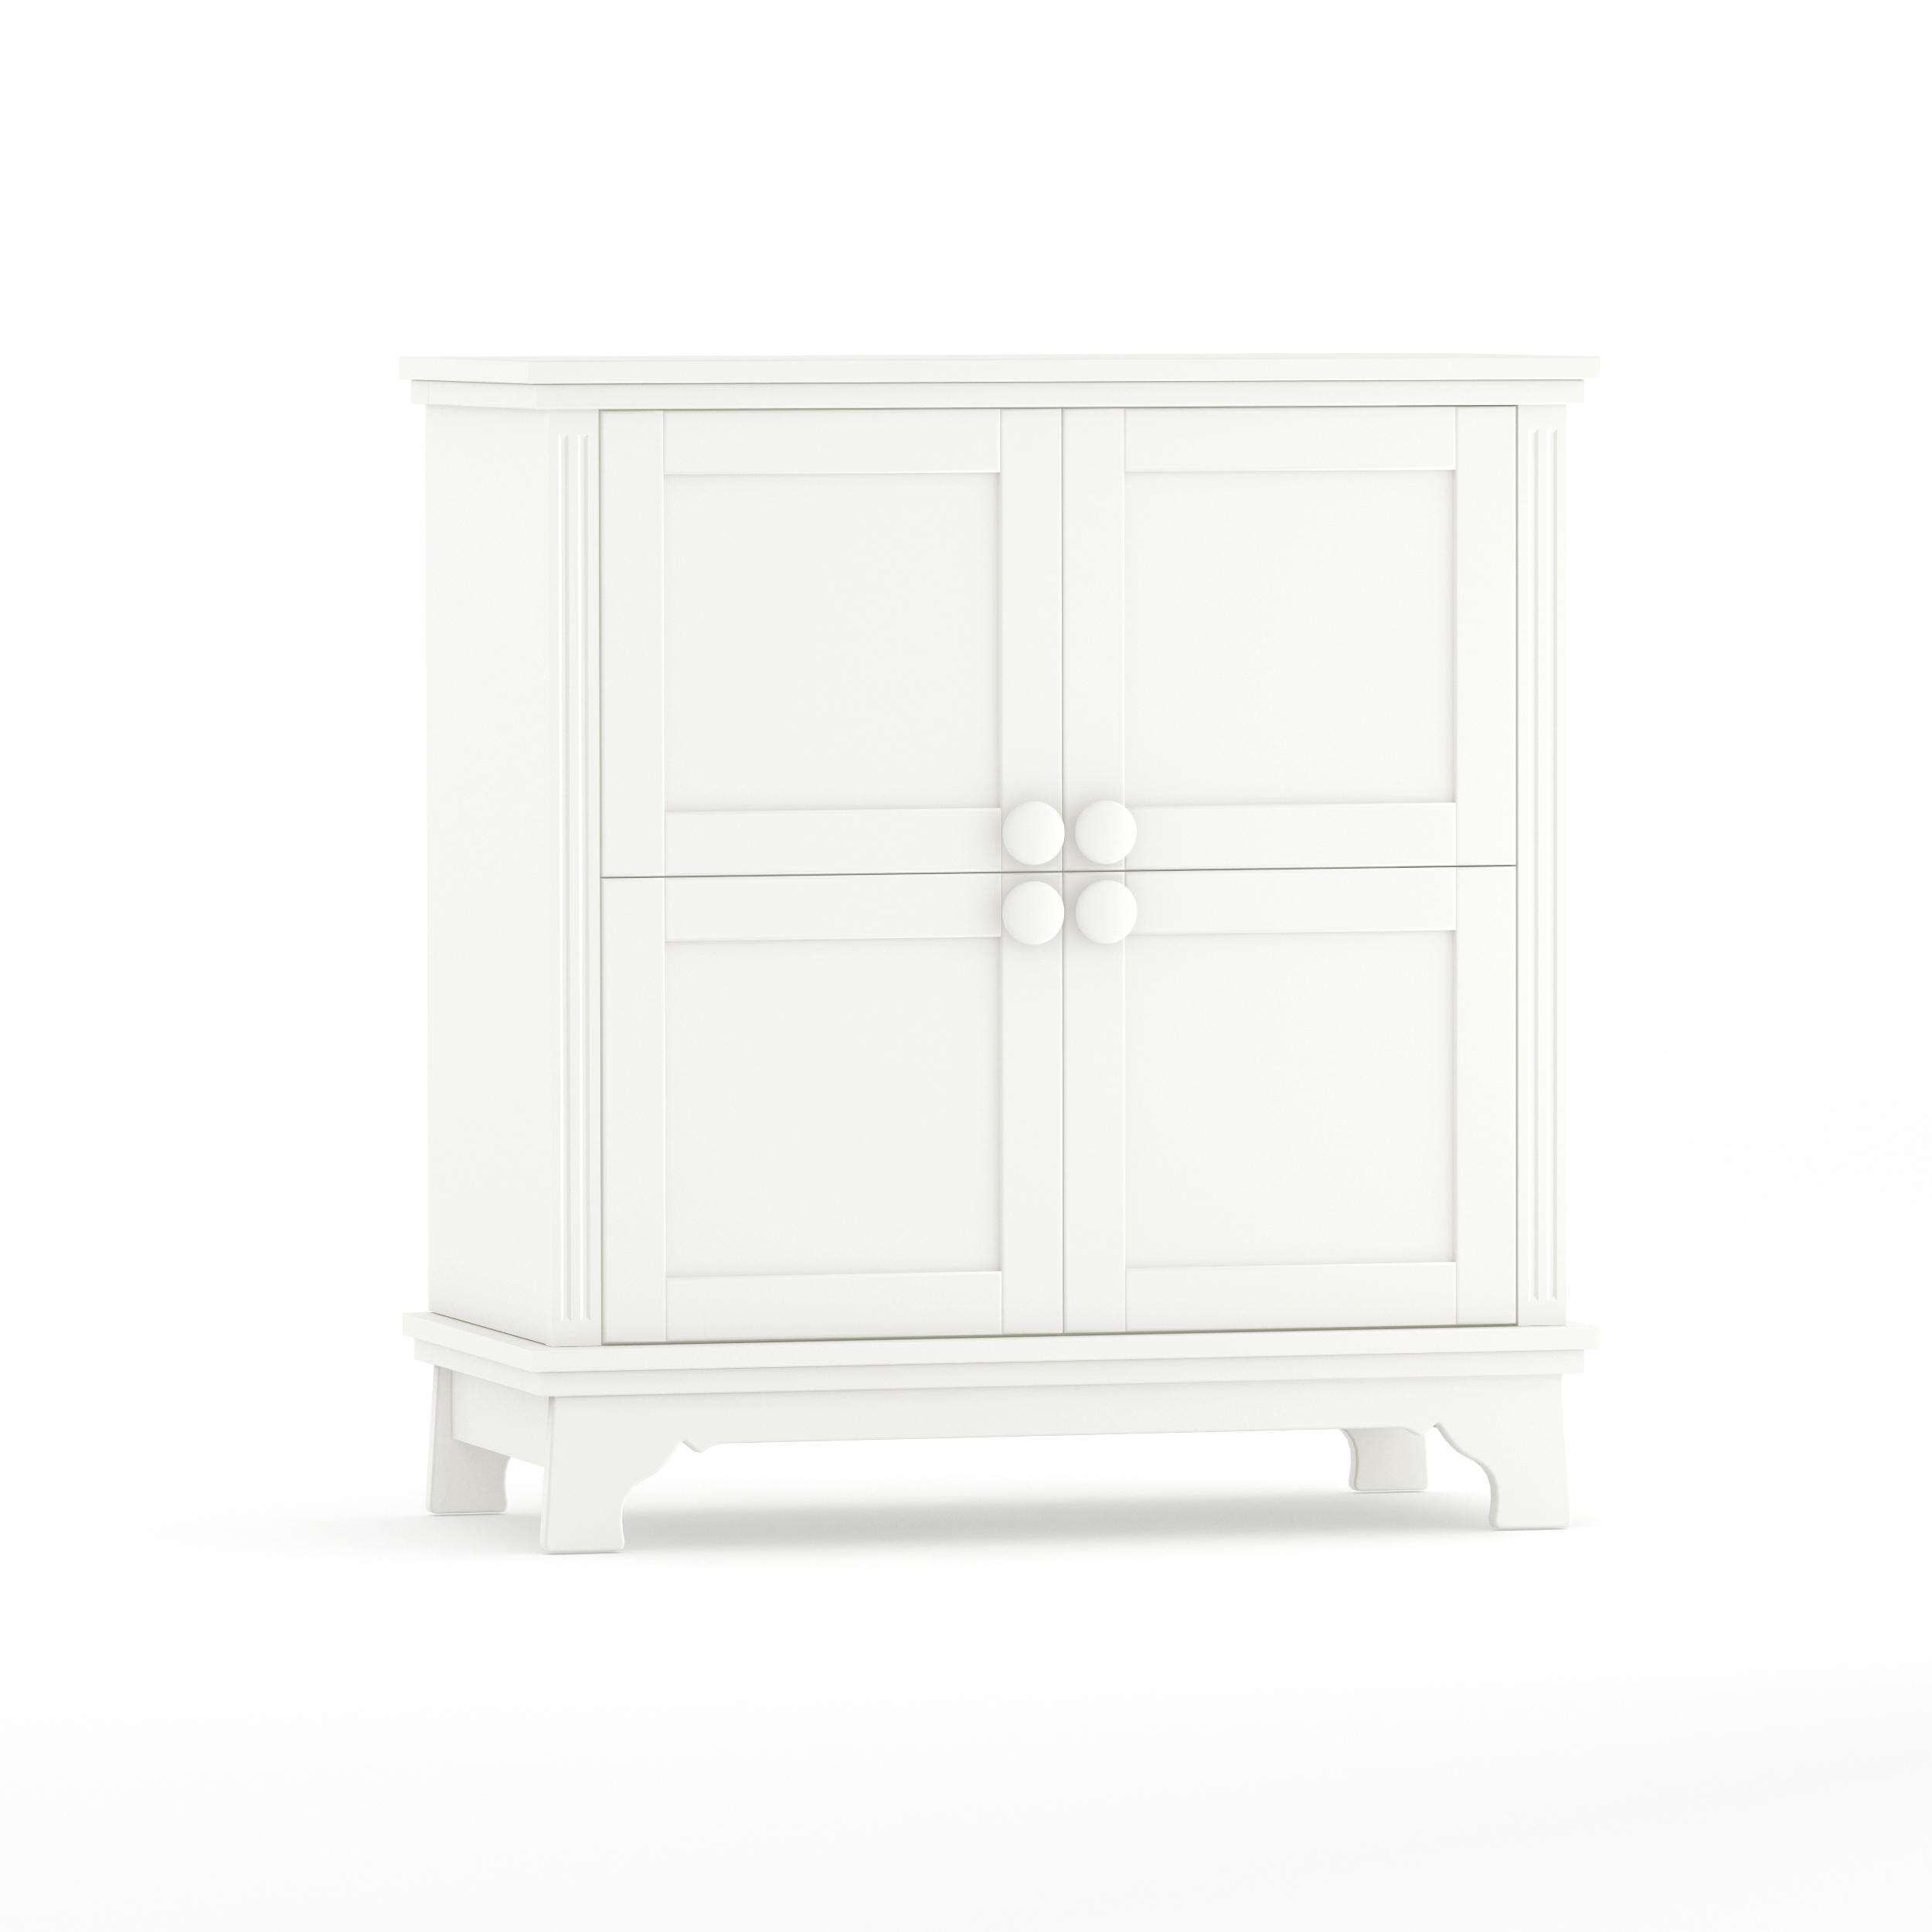 Sideboard Clariss White mit 4 Türen,  Timoore